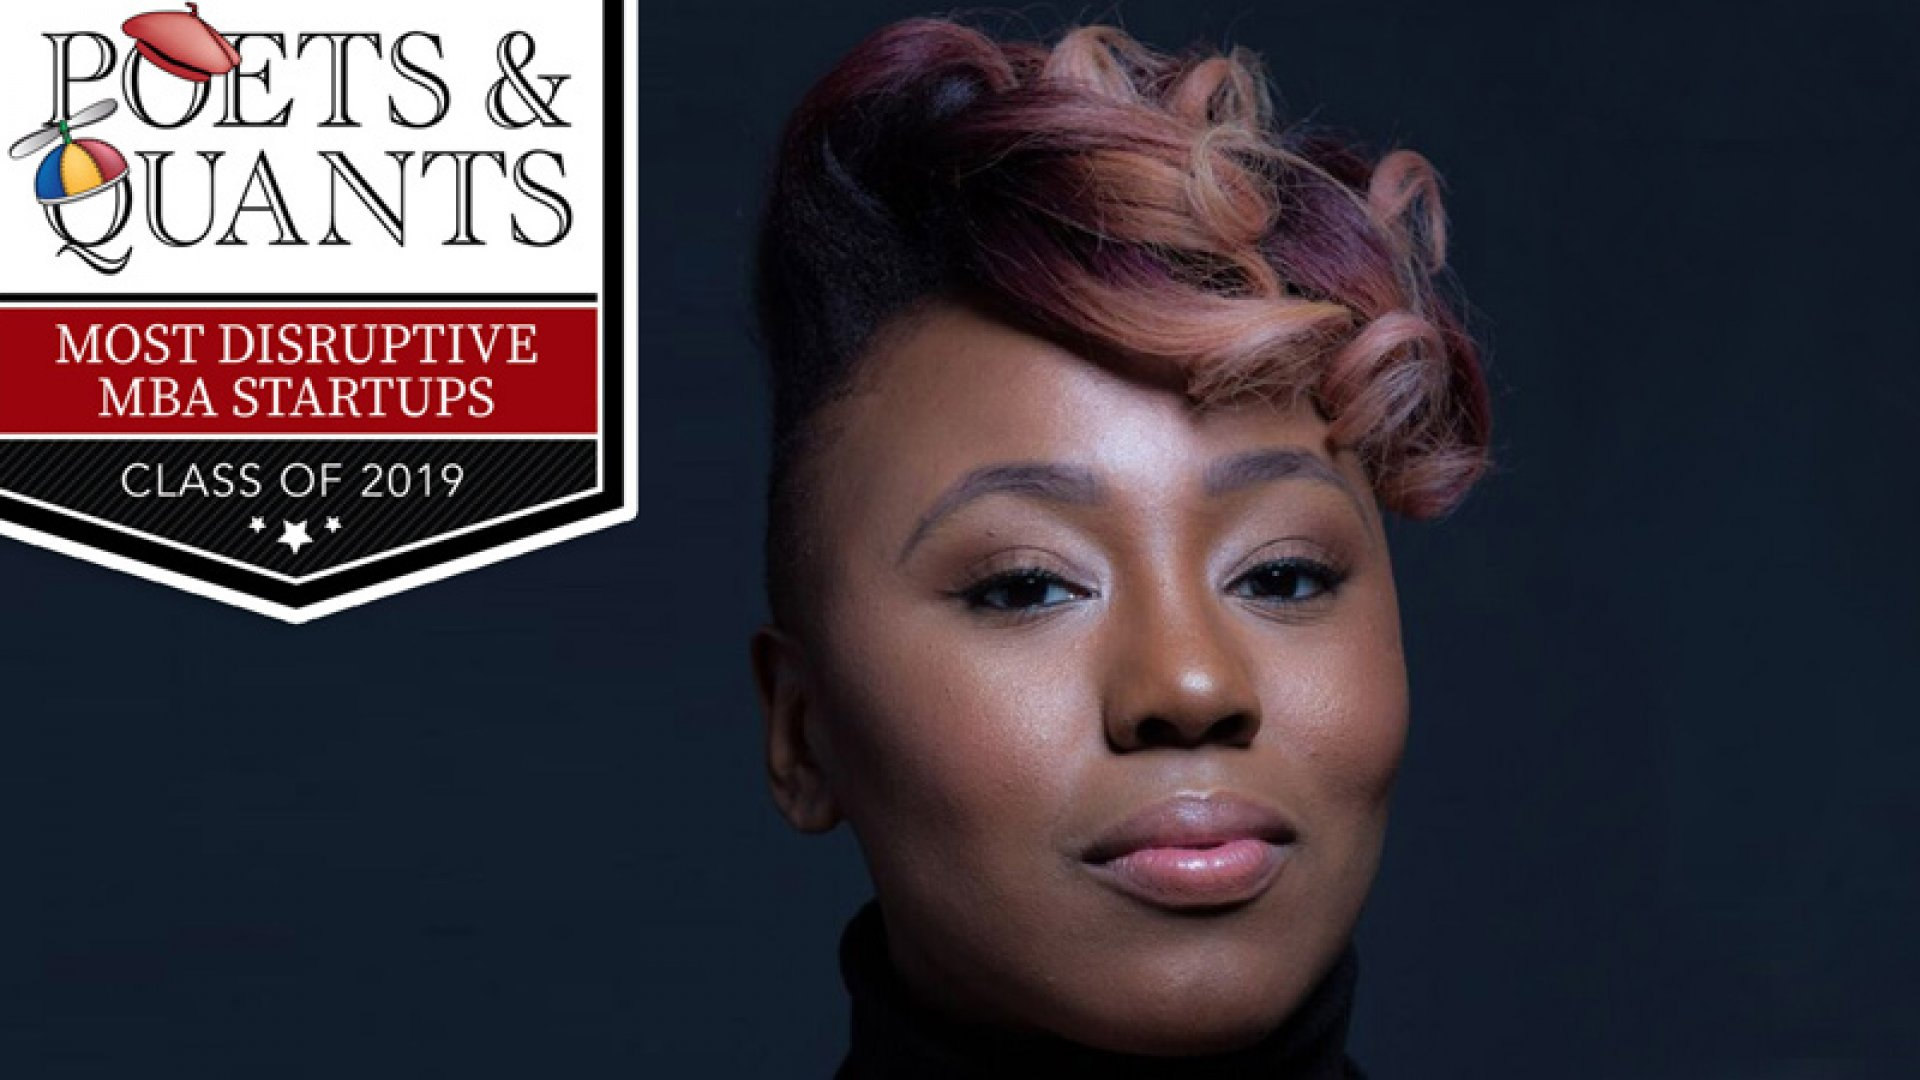 MBA Start-up Profile: Dear Black Women